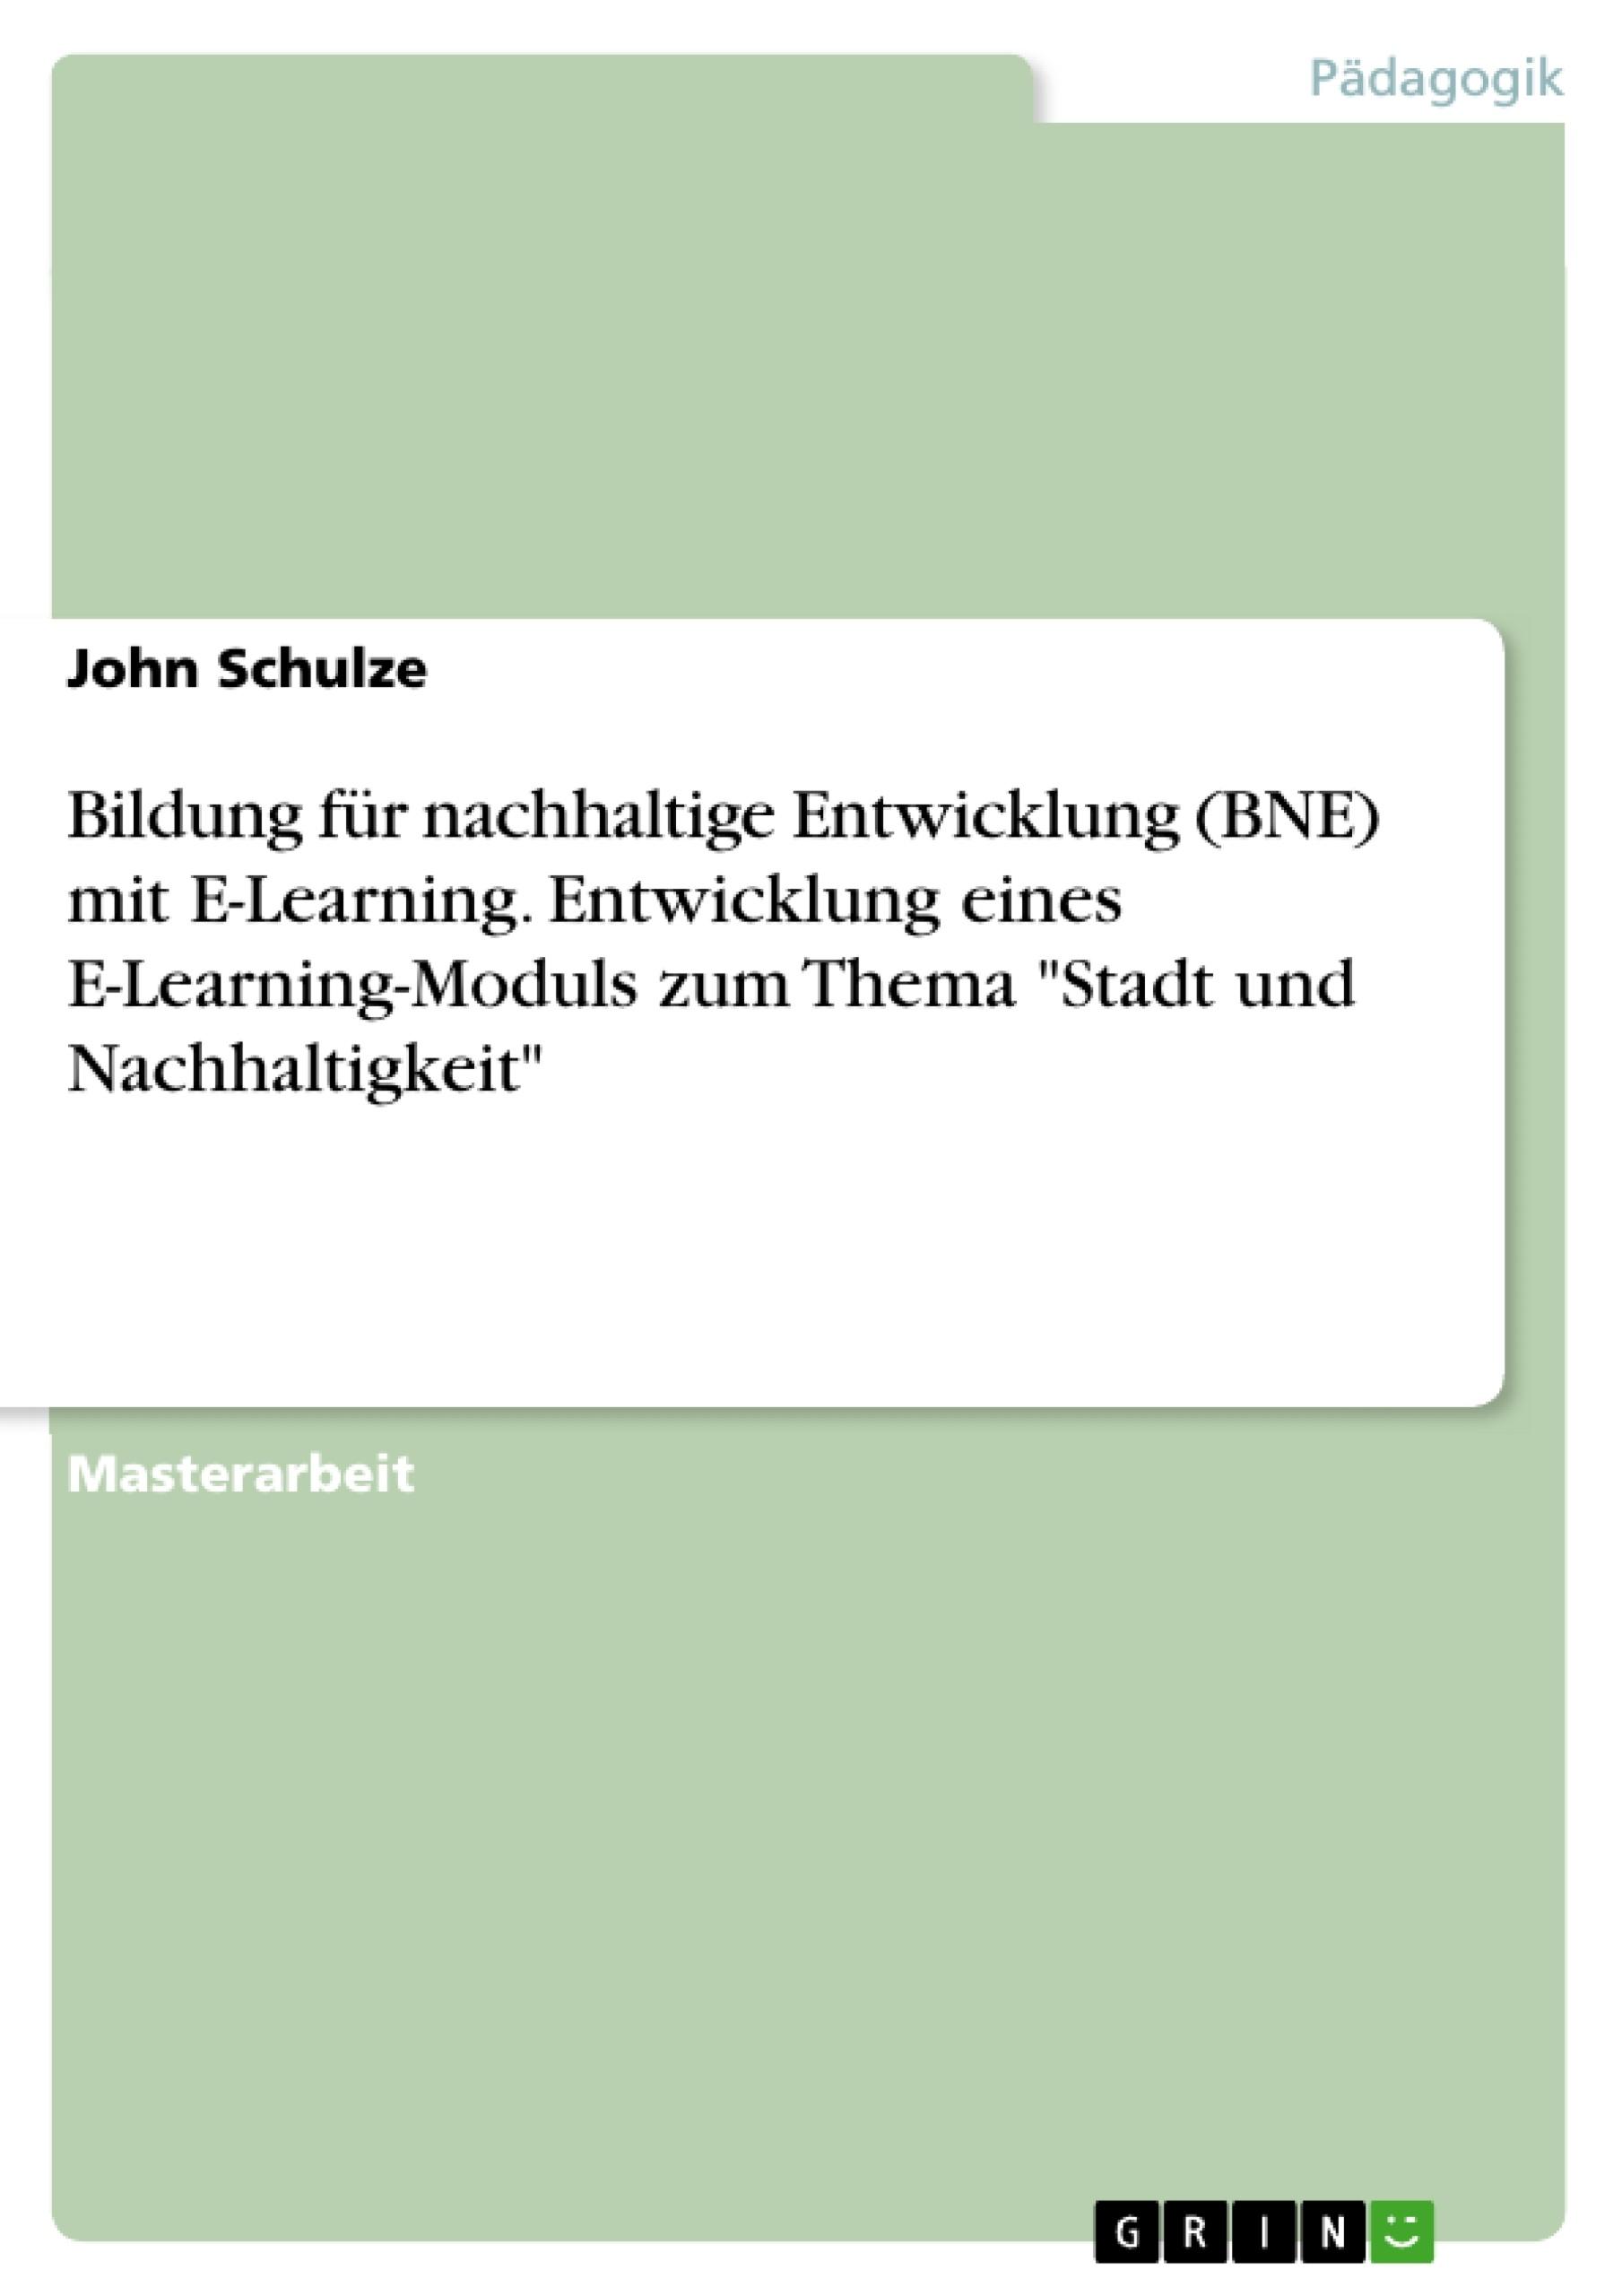 """Titel: Bildung für nachhaltige Entwicklung (BNE) mit E-Learning. Entwicklung eines E-Learning-Moduls zum Thema """"Stadt und Nachhaltigkeit"""""""